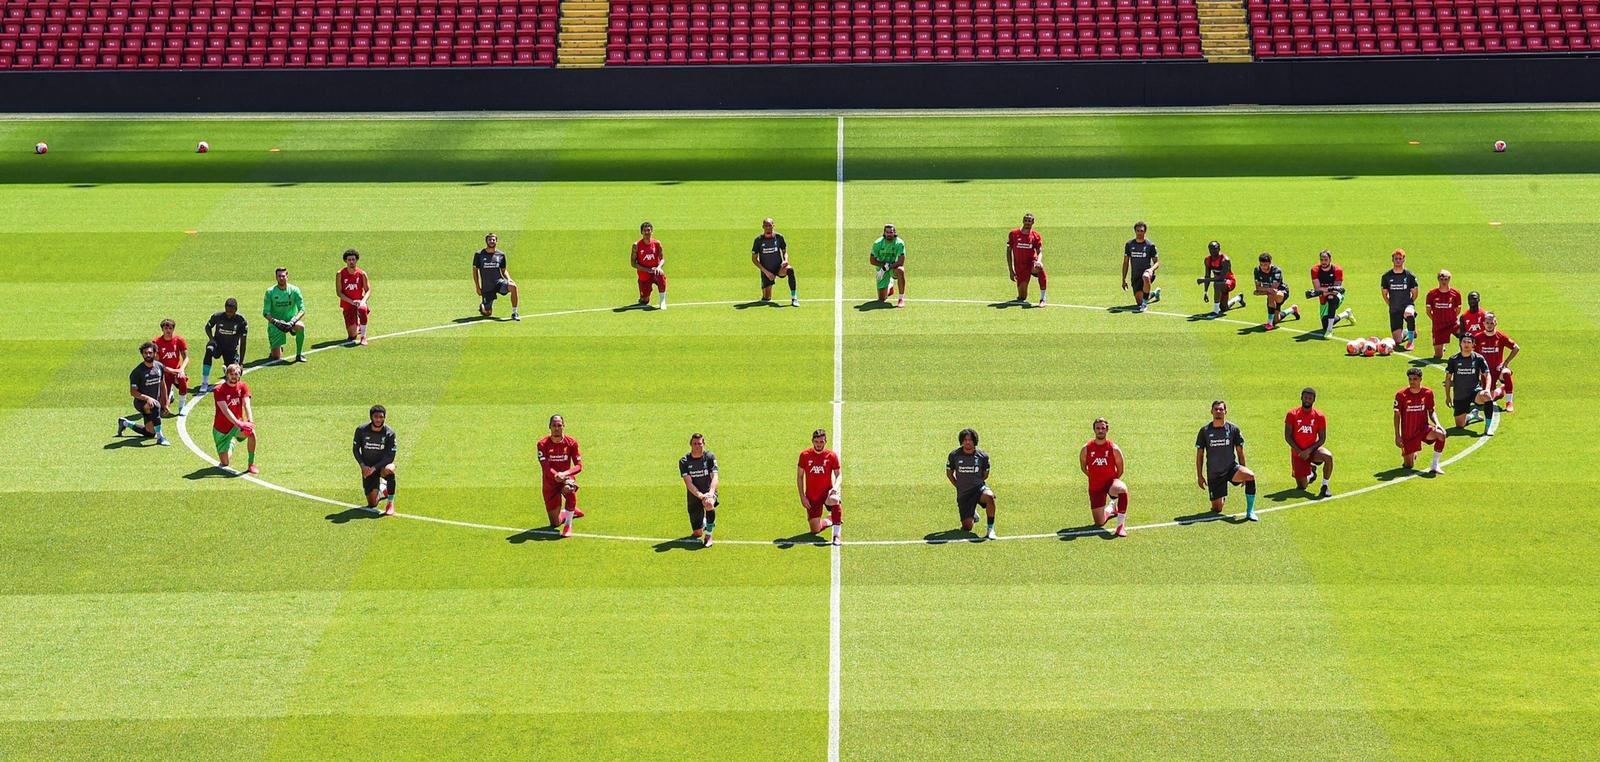 Ի հիշատակ Ջորջ Ֆլոյդի․ Լիվերպուլի ֆուտբոլիստները մարզման ընթացքում ծնկի իջան (լուսանկար)